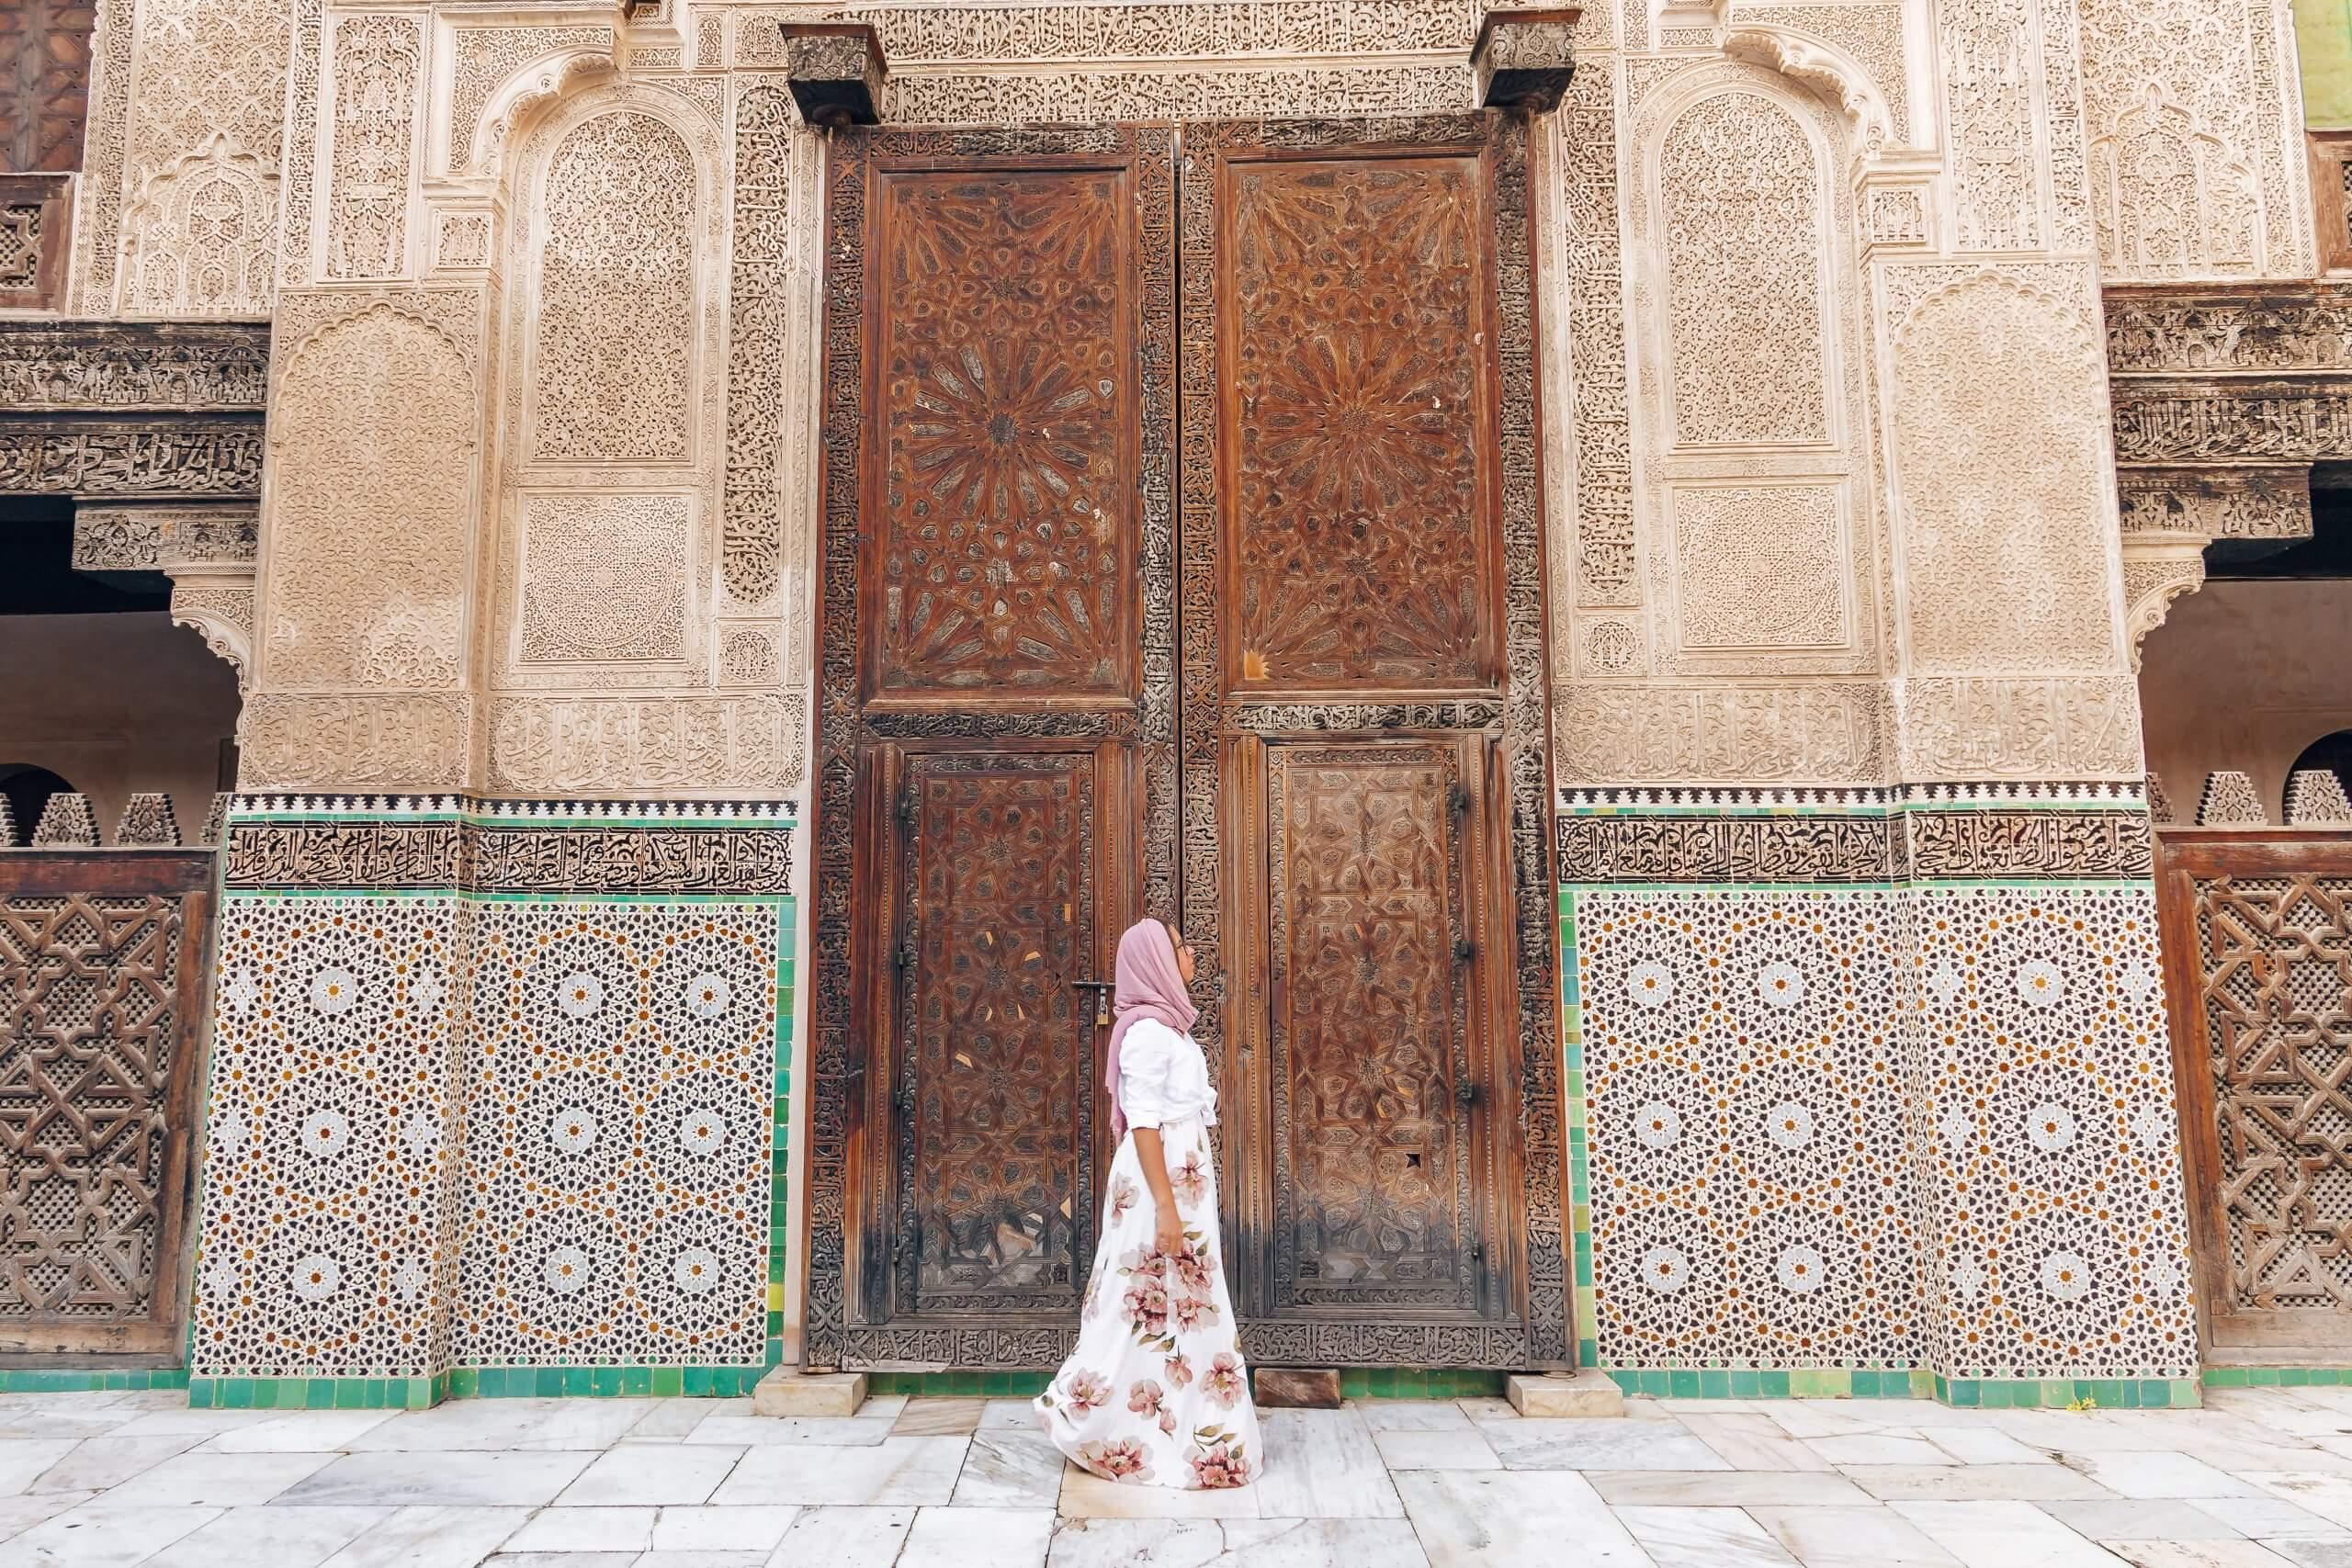 Als Frau unterwegs in Marokko: in religiösen Einrichtungen Kopftuch tragen